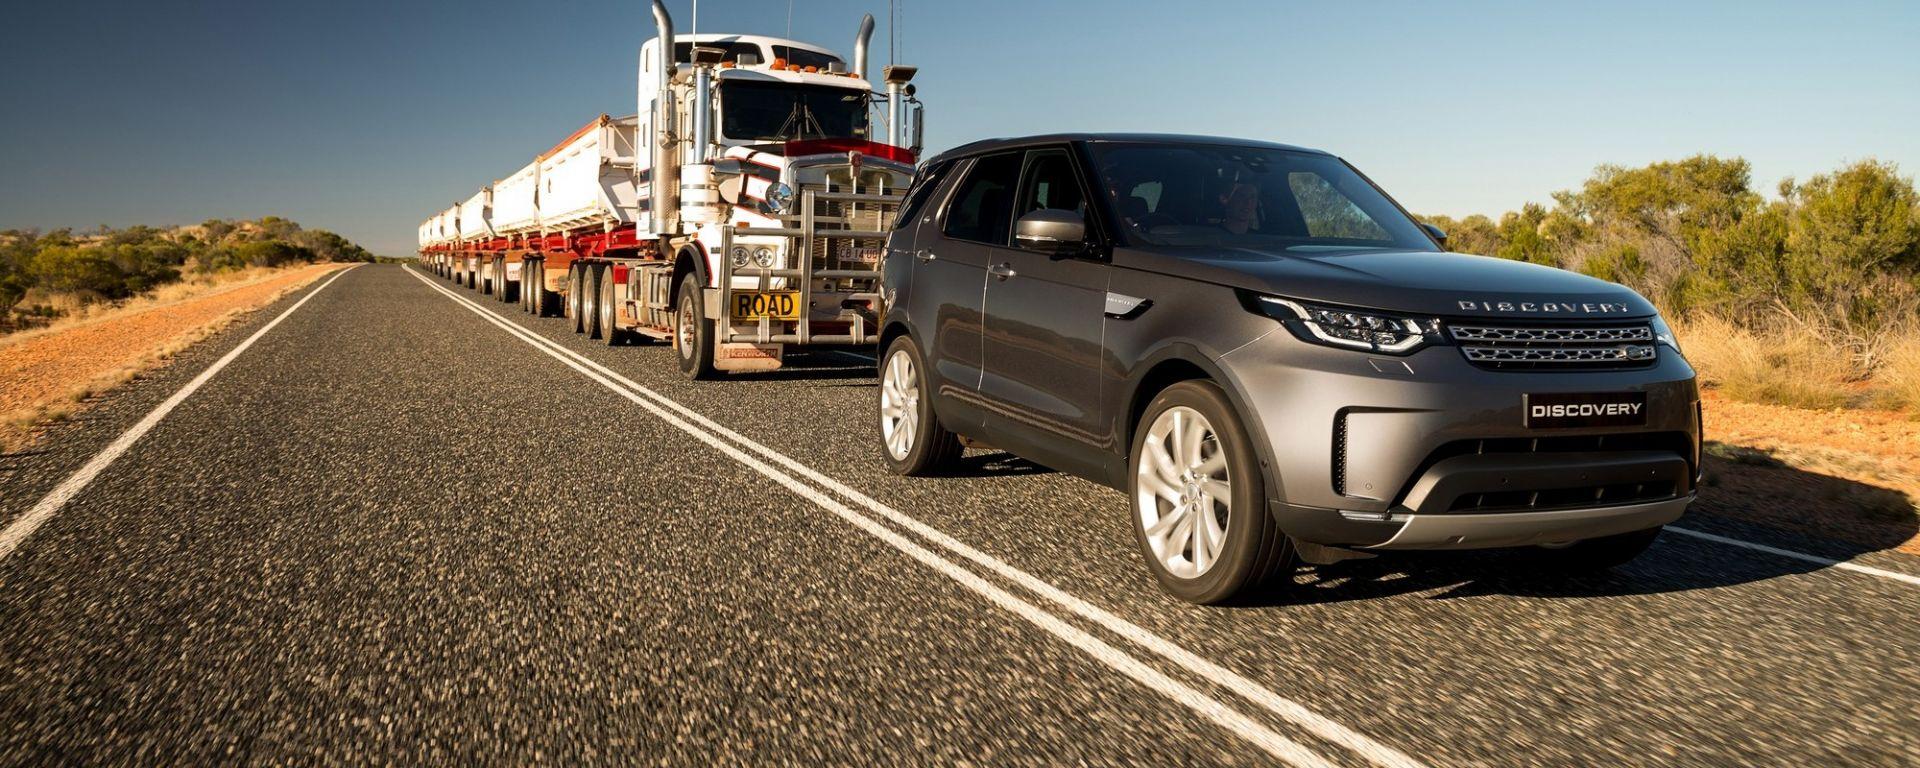 Land Rover Discovery, trascinato un autotreno da 103 tonnellate